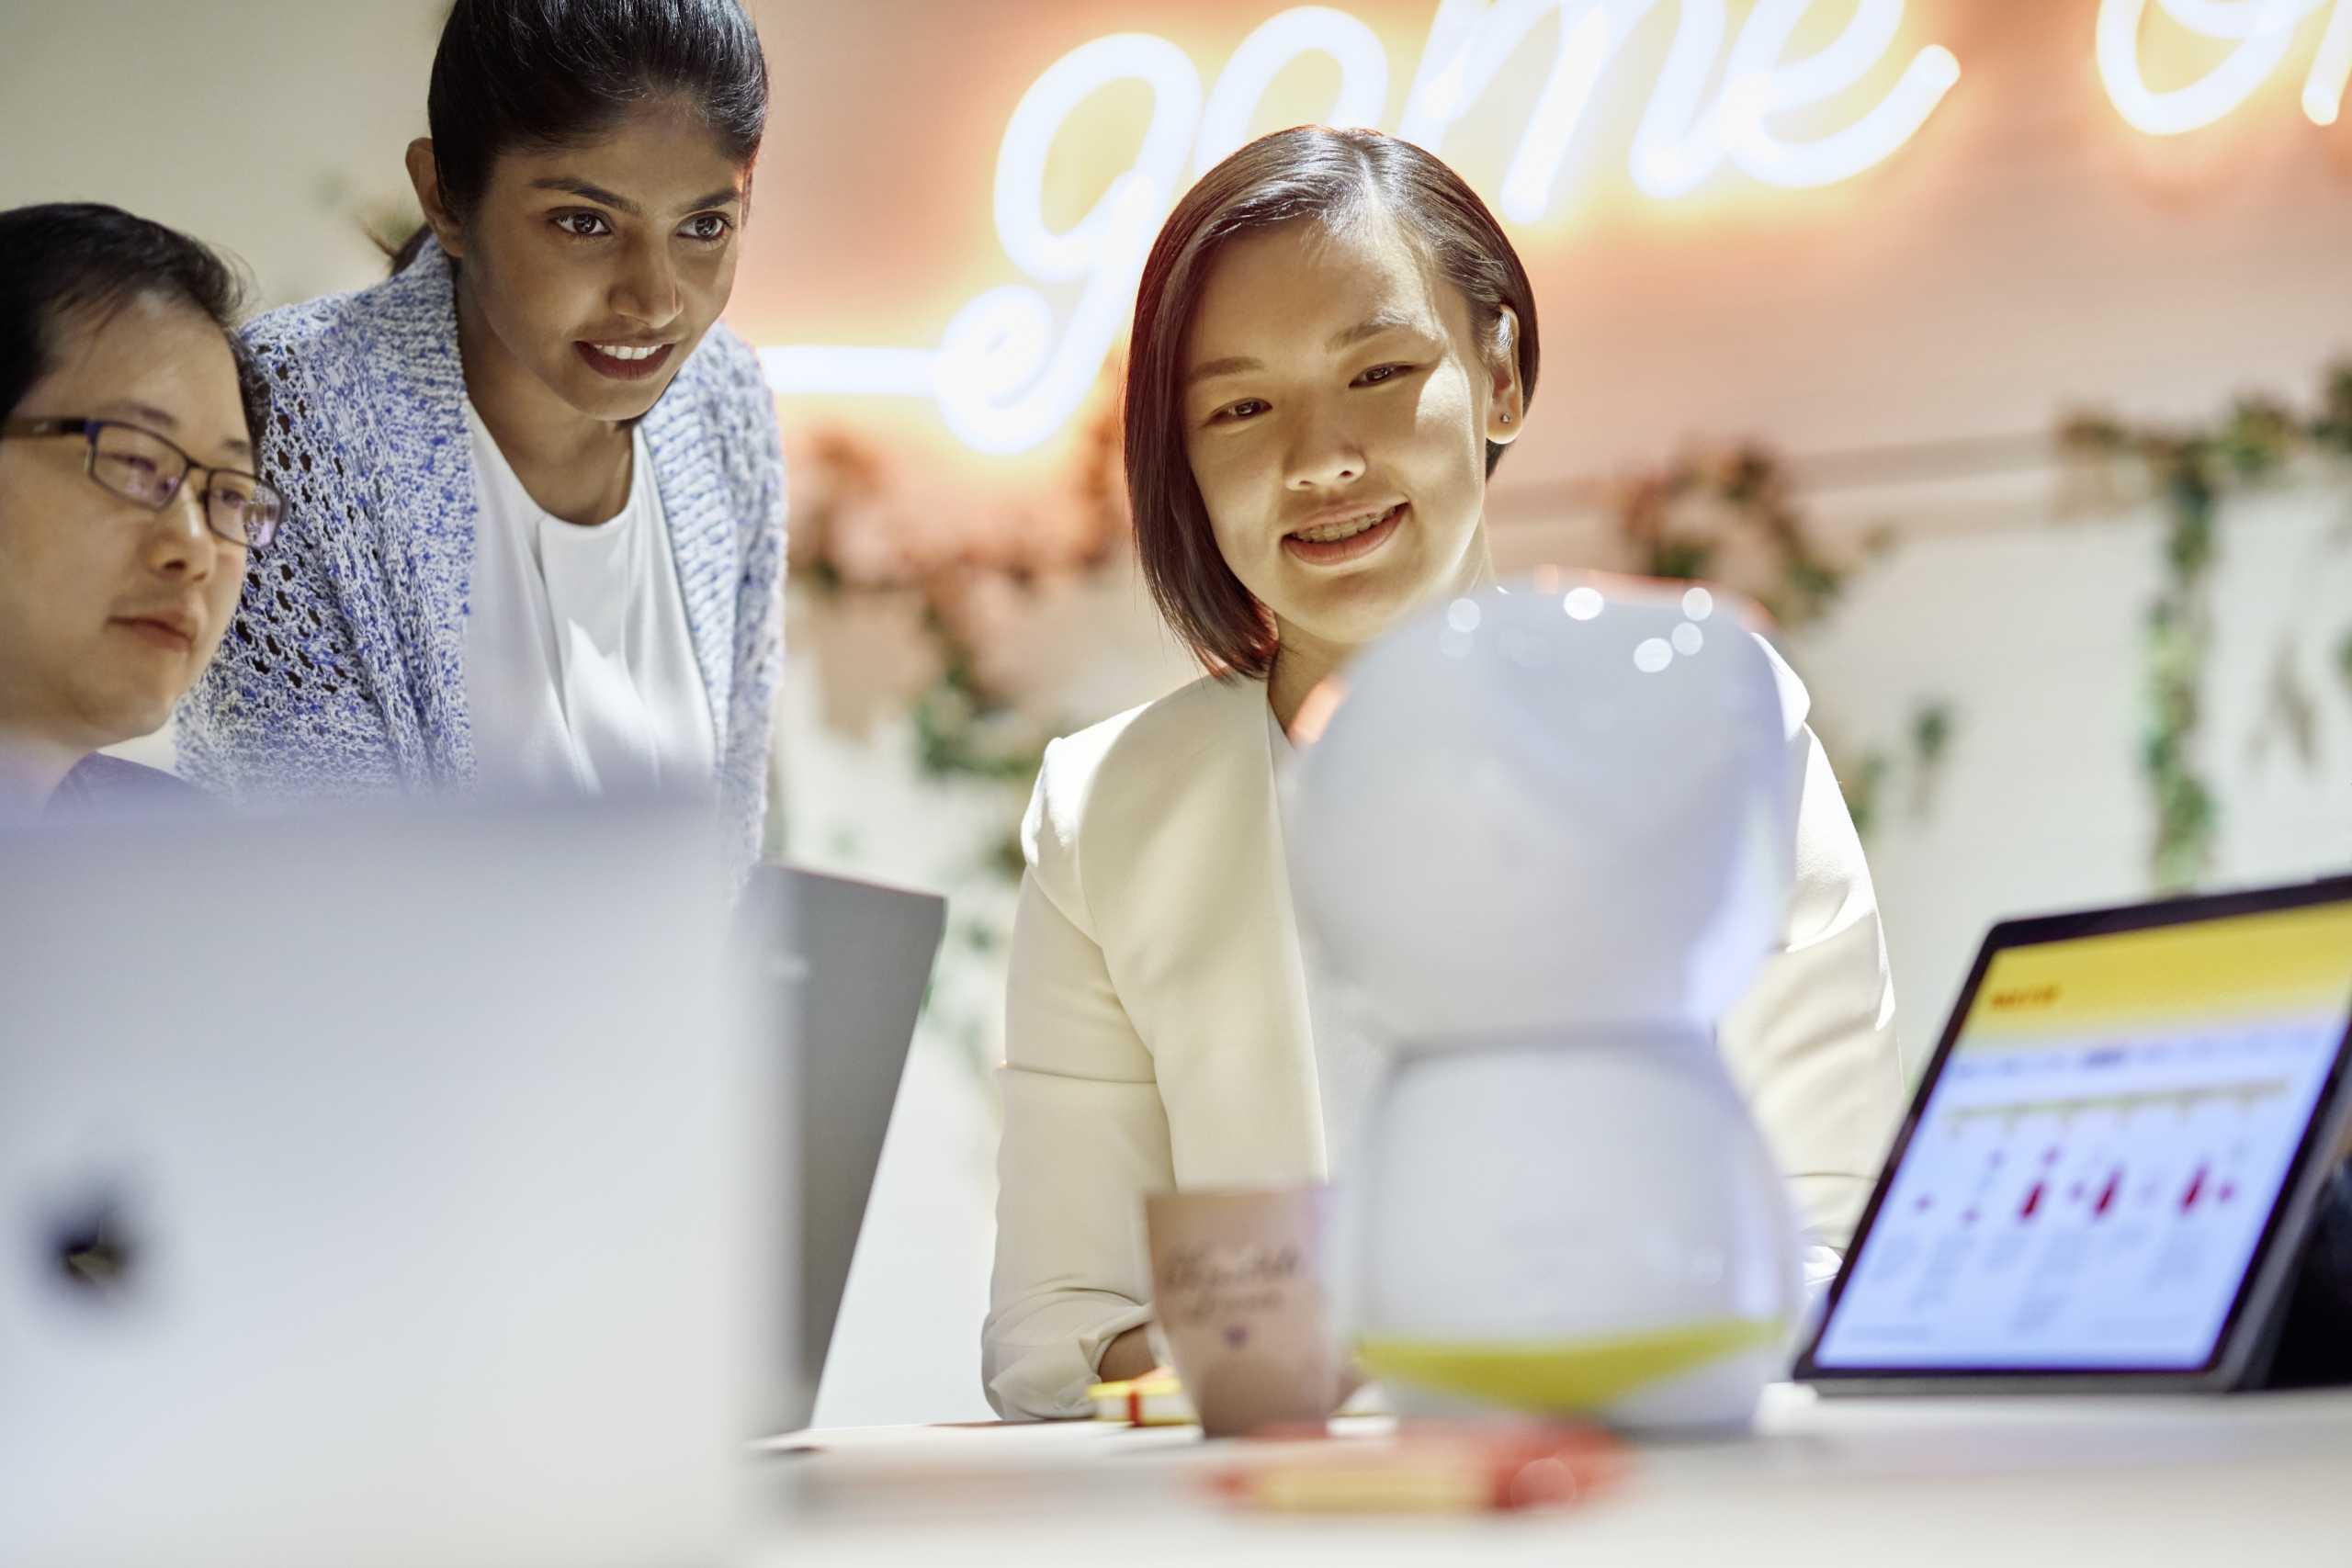 Έρχεται νέο κύμα ανάπτυξης του ηλεκτρονικού εμπορίου – Έρευνα της DHL